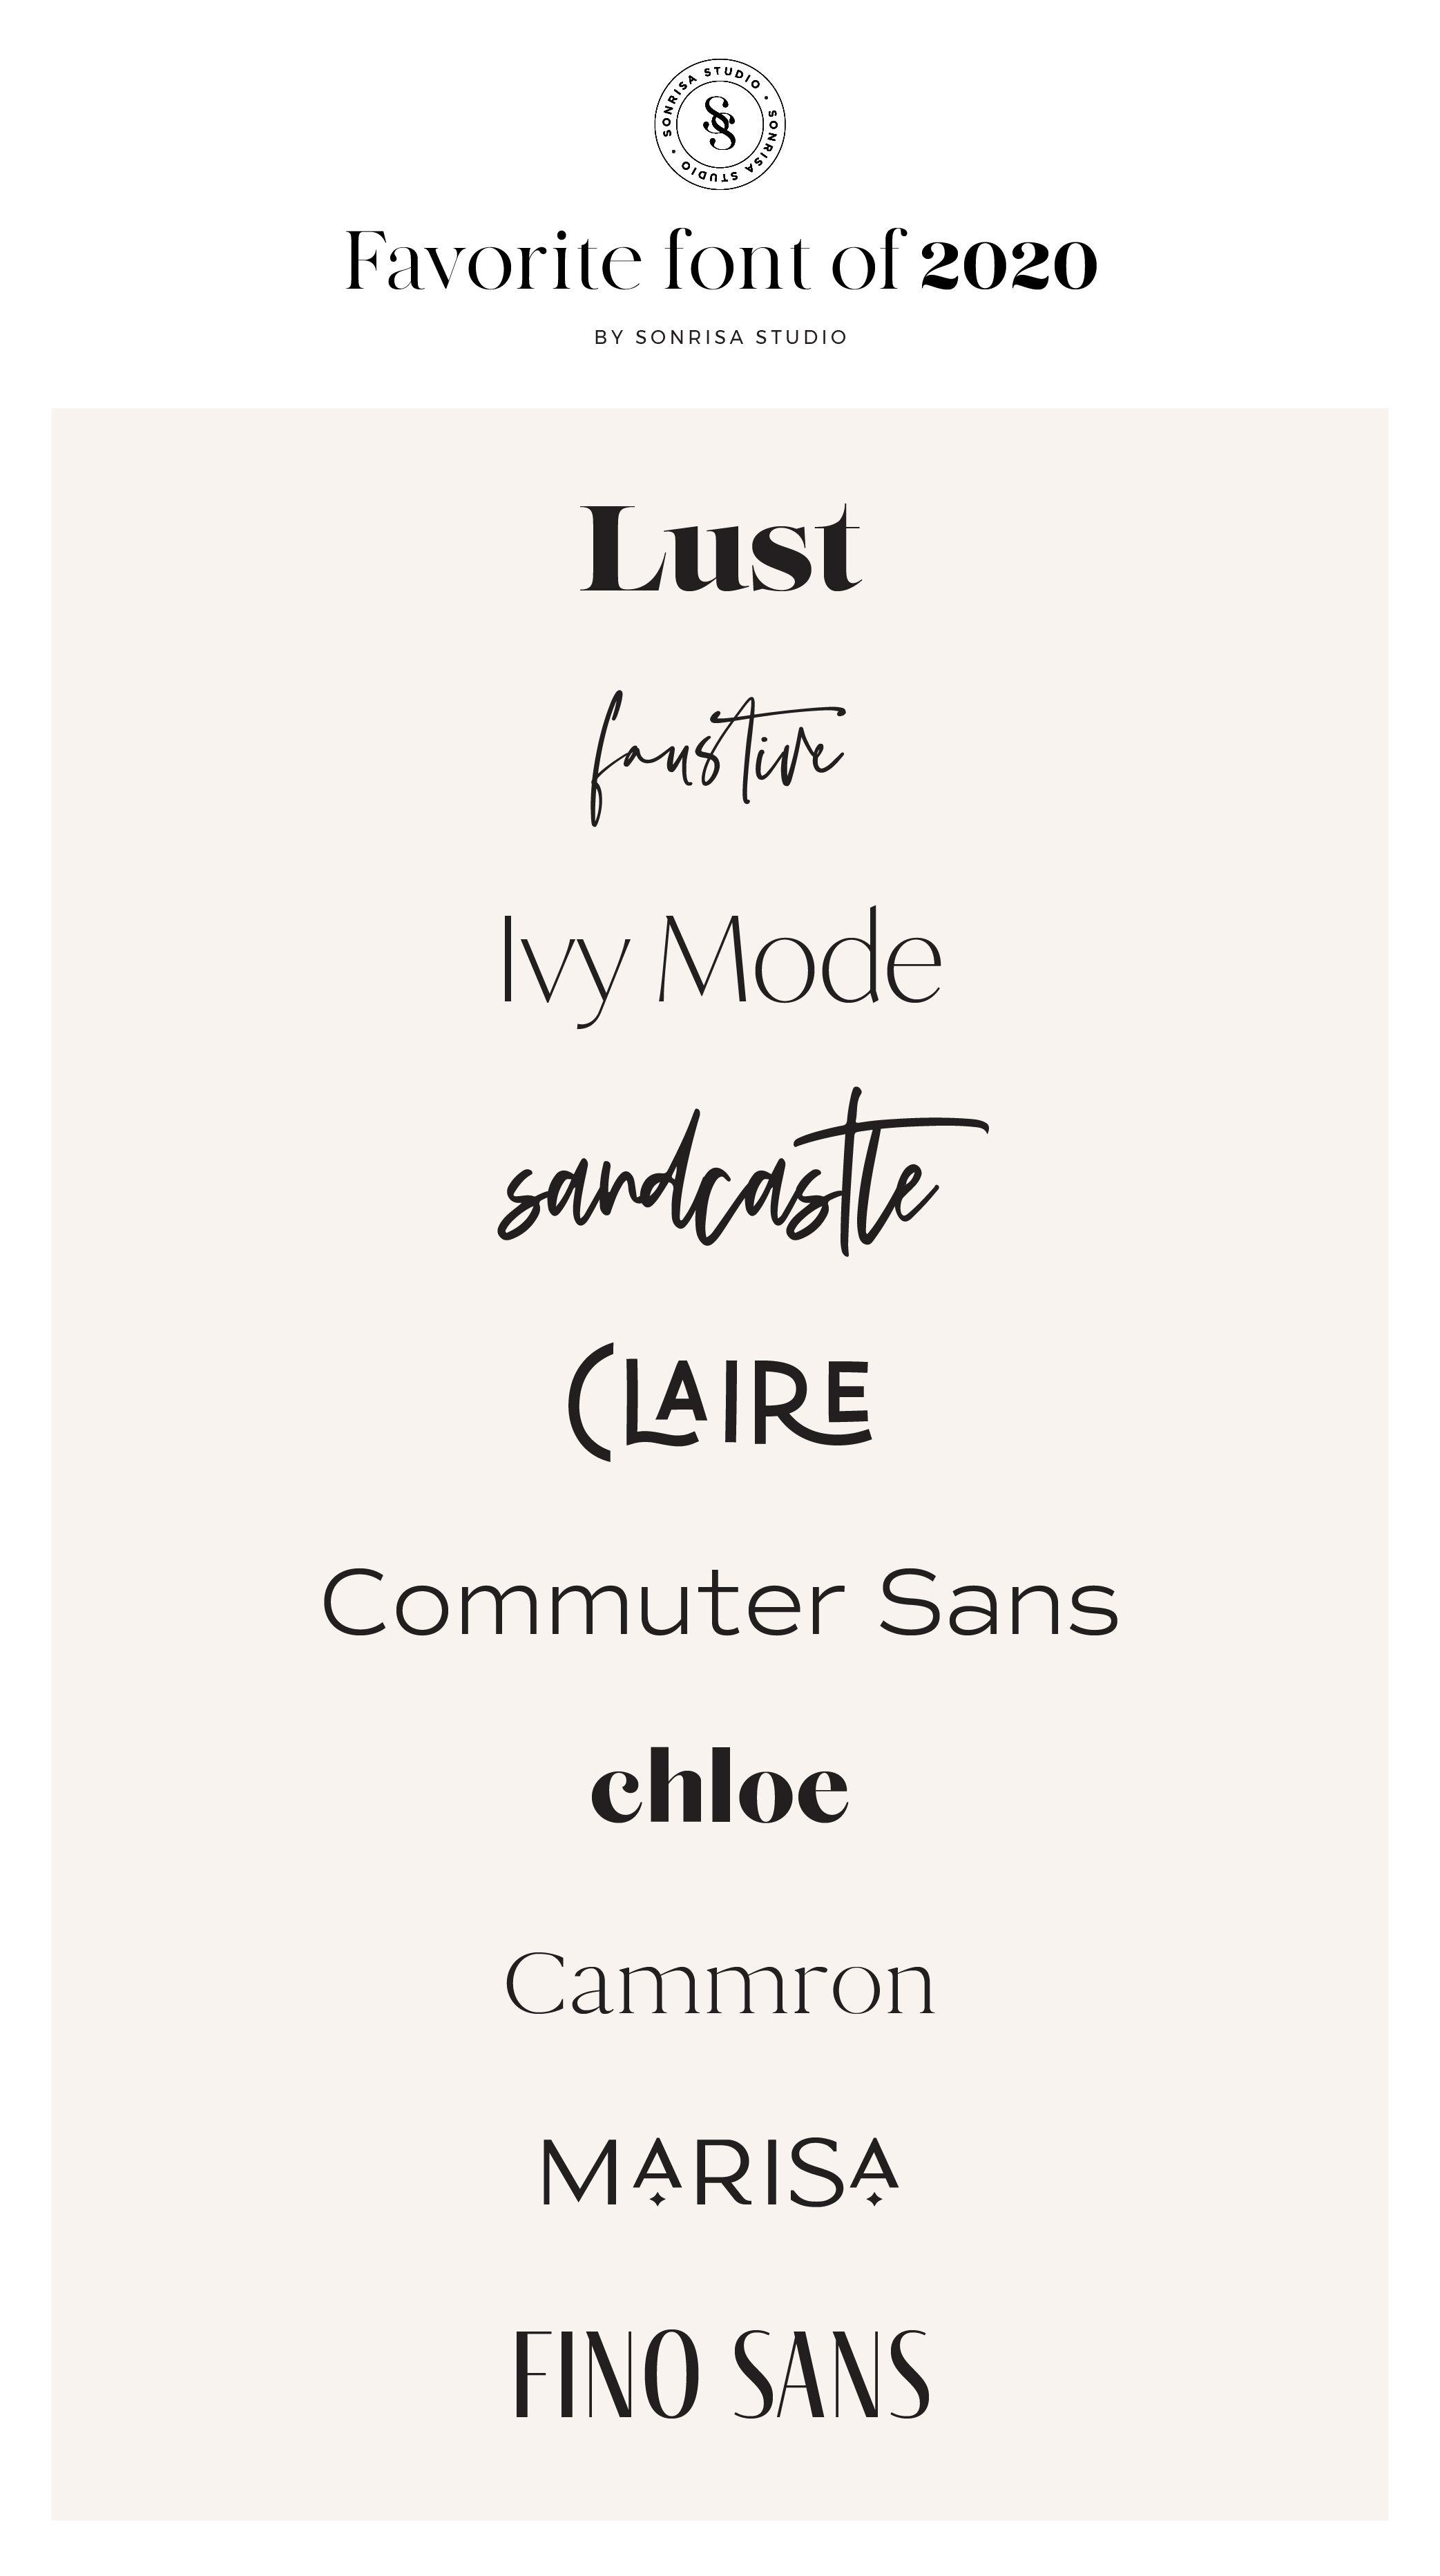 Favorite Fonts Of 2020 Sonrisastudio Com Favorite Fonts Instagram Inspiration Posts Business Branding Design